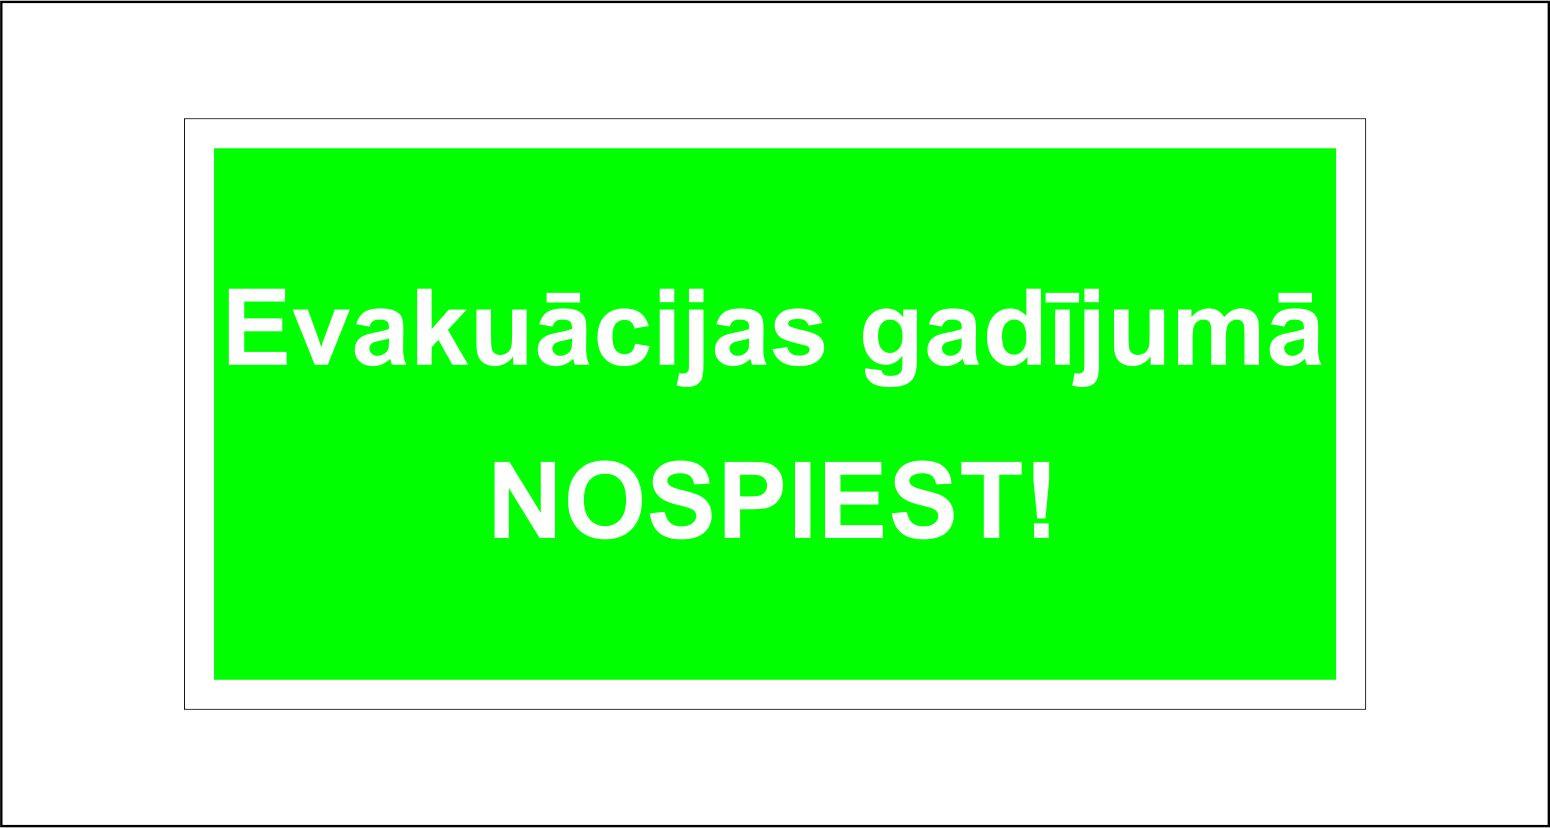 zaļa informatīva uzlīme - Evakuācijas gadījumā nospiest